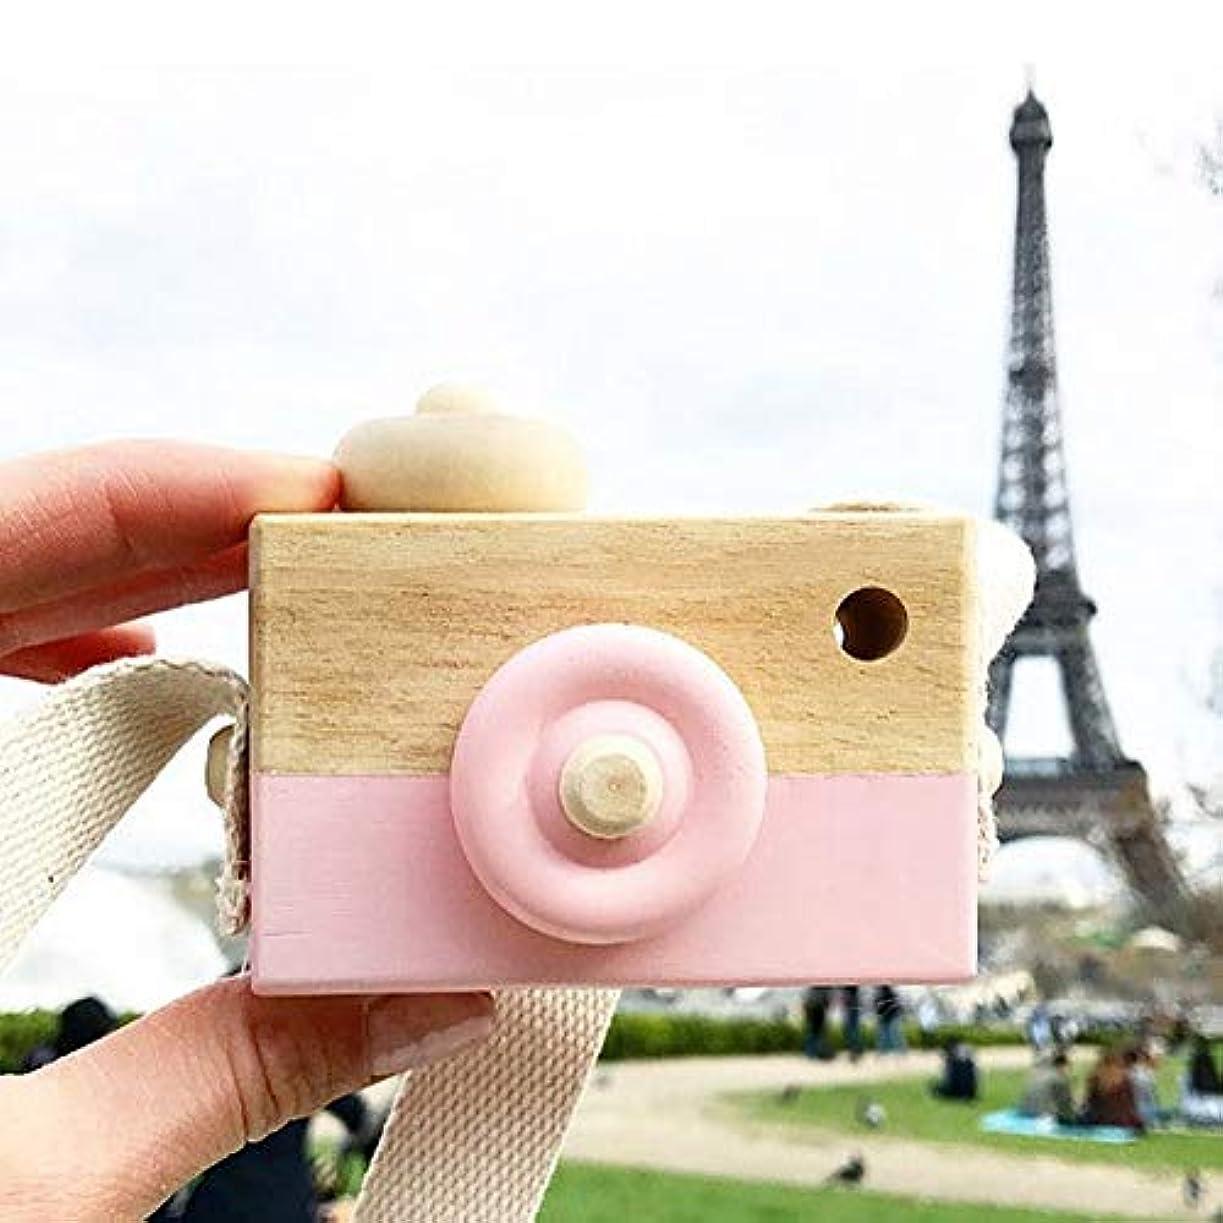 ネクタイトン盲信ミニかわいい木製カメラのおもちゃ安全なナチュラル玩具ベビーキッズファッション服アクセサリー玩具誕生日クリスマスホリデーギフト (ピンク)